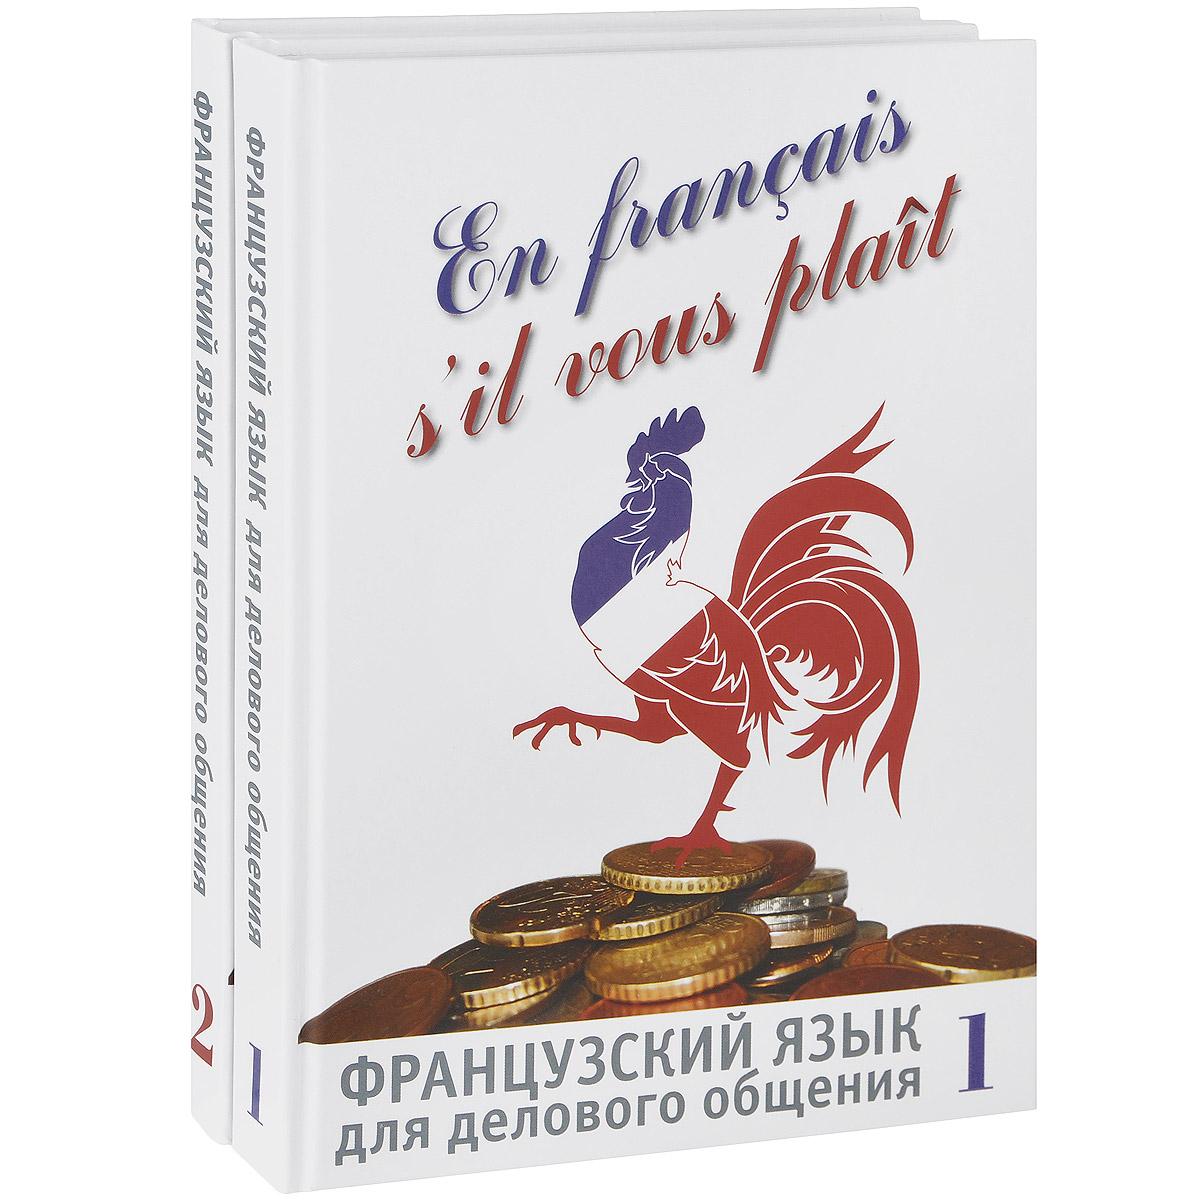 En francais, s'il vous plait / Французский язык для делового общения (комплект из 2 книг + CD)